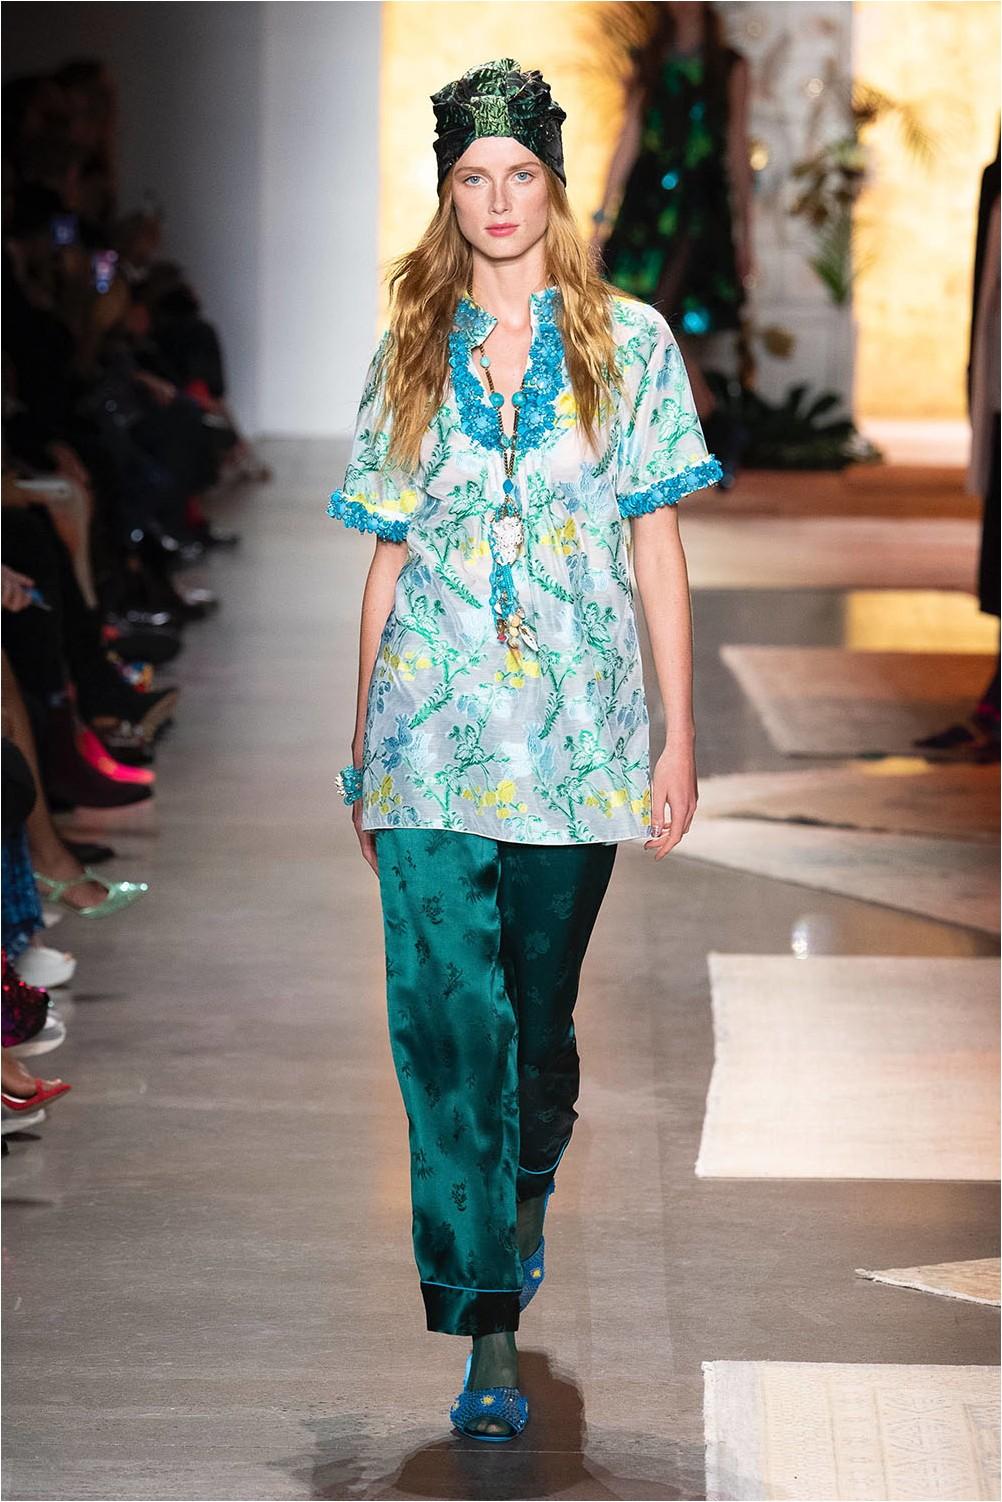 Pajama style Anna Sui